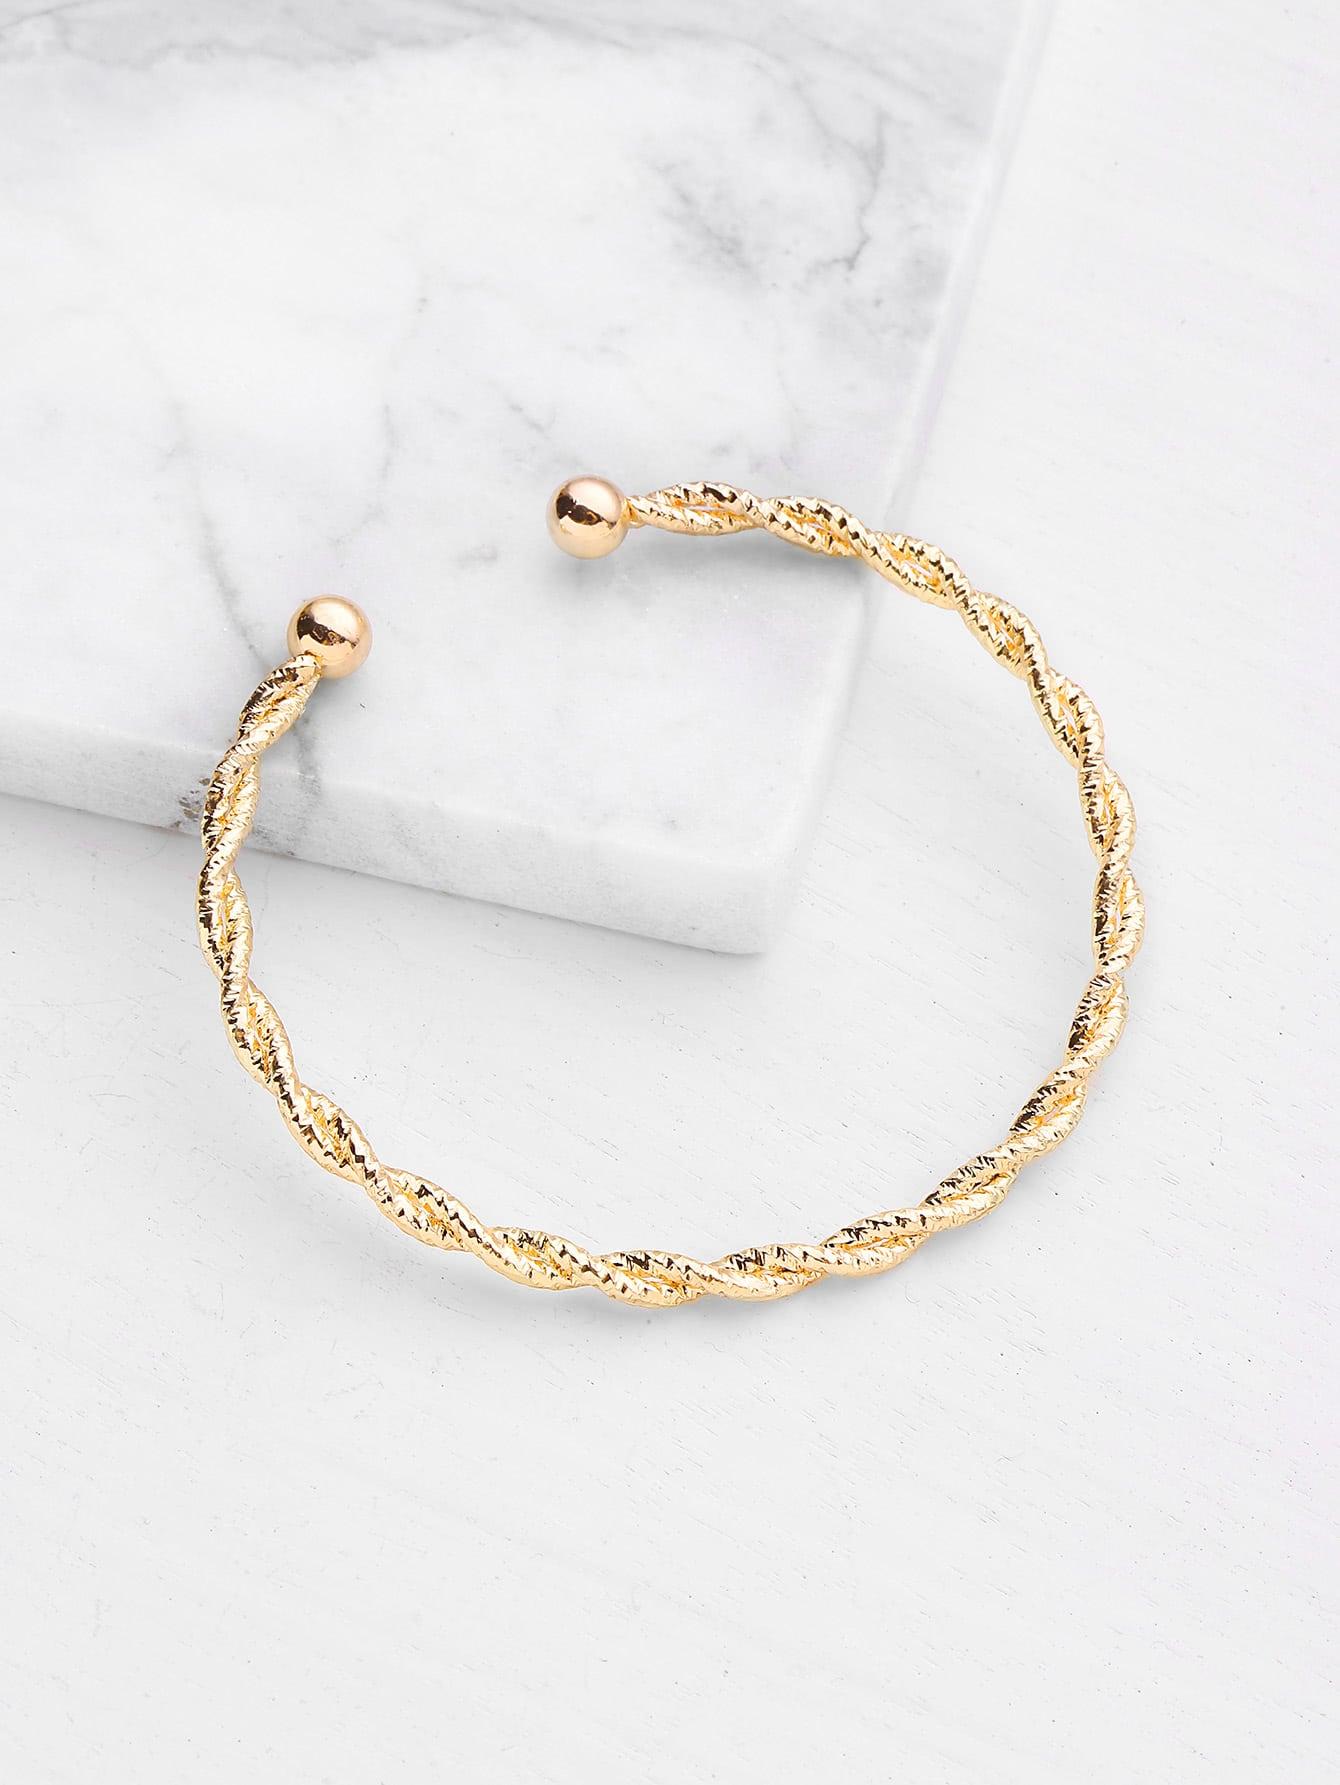 Plated Woven Design Bracelet